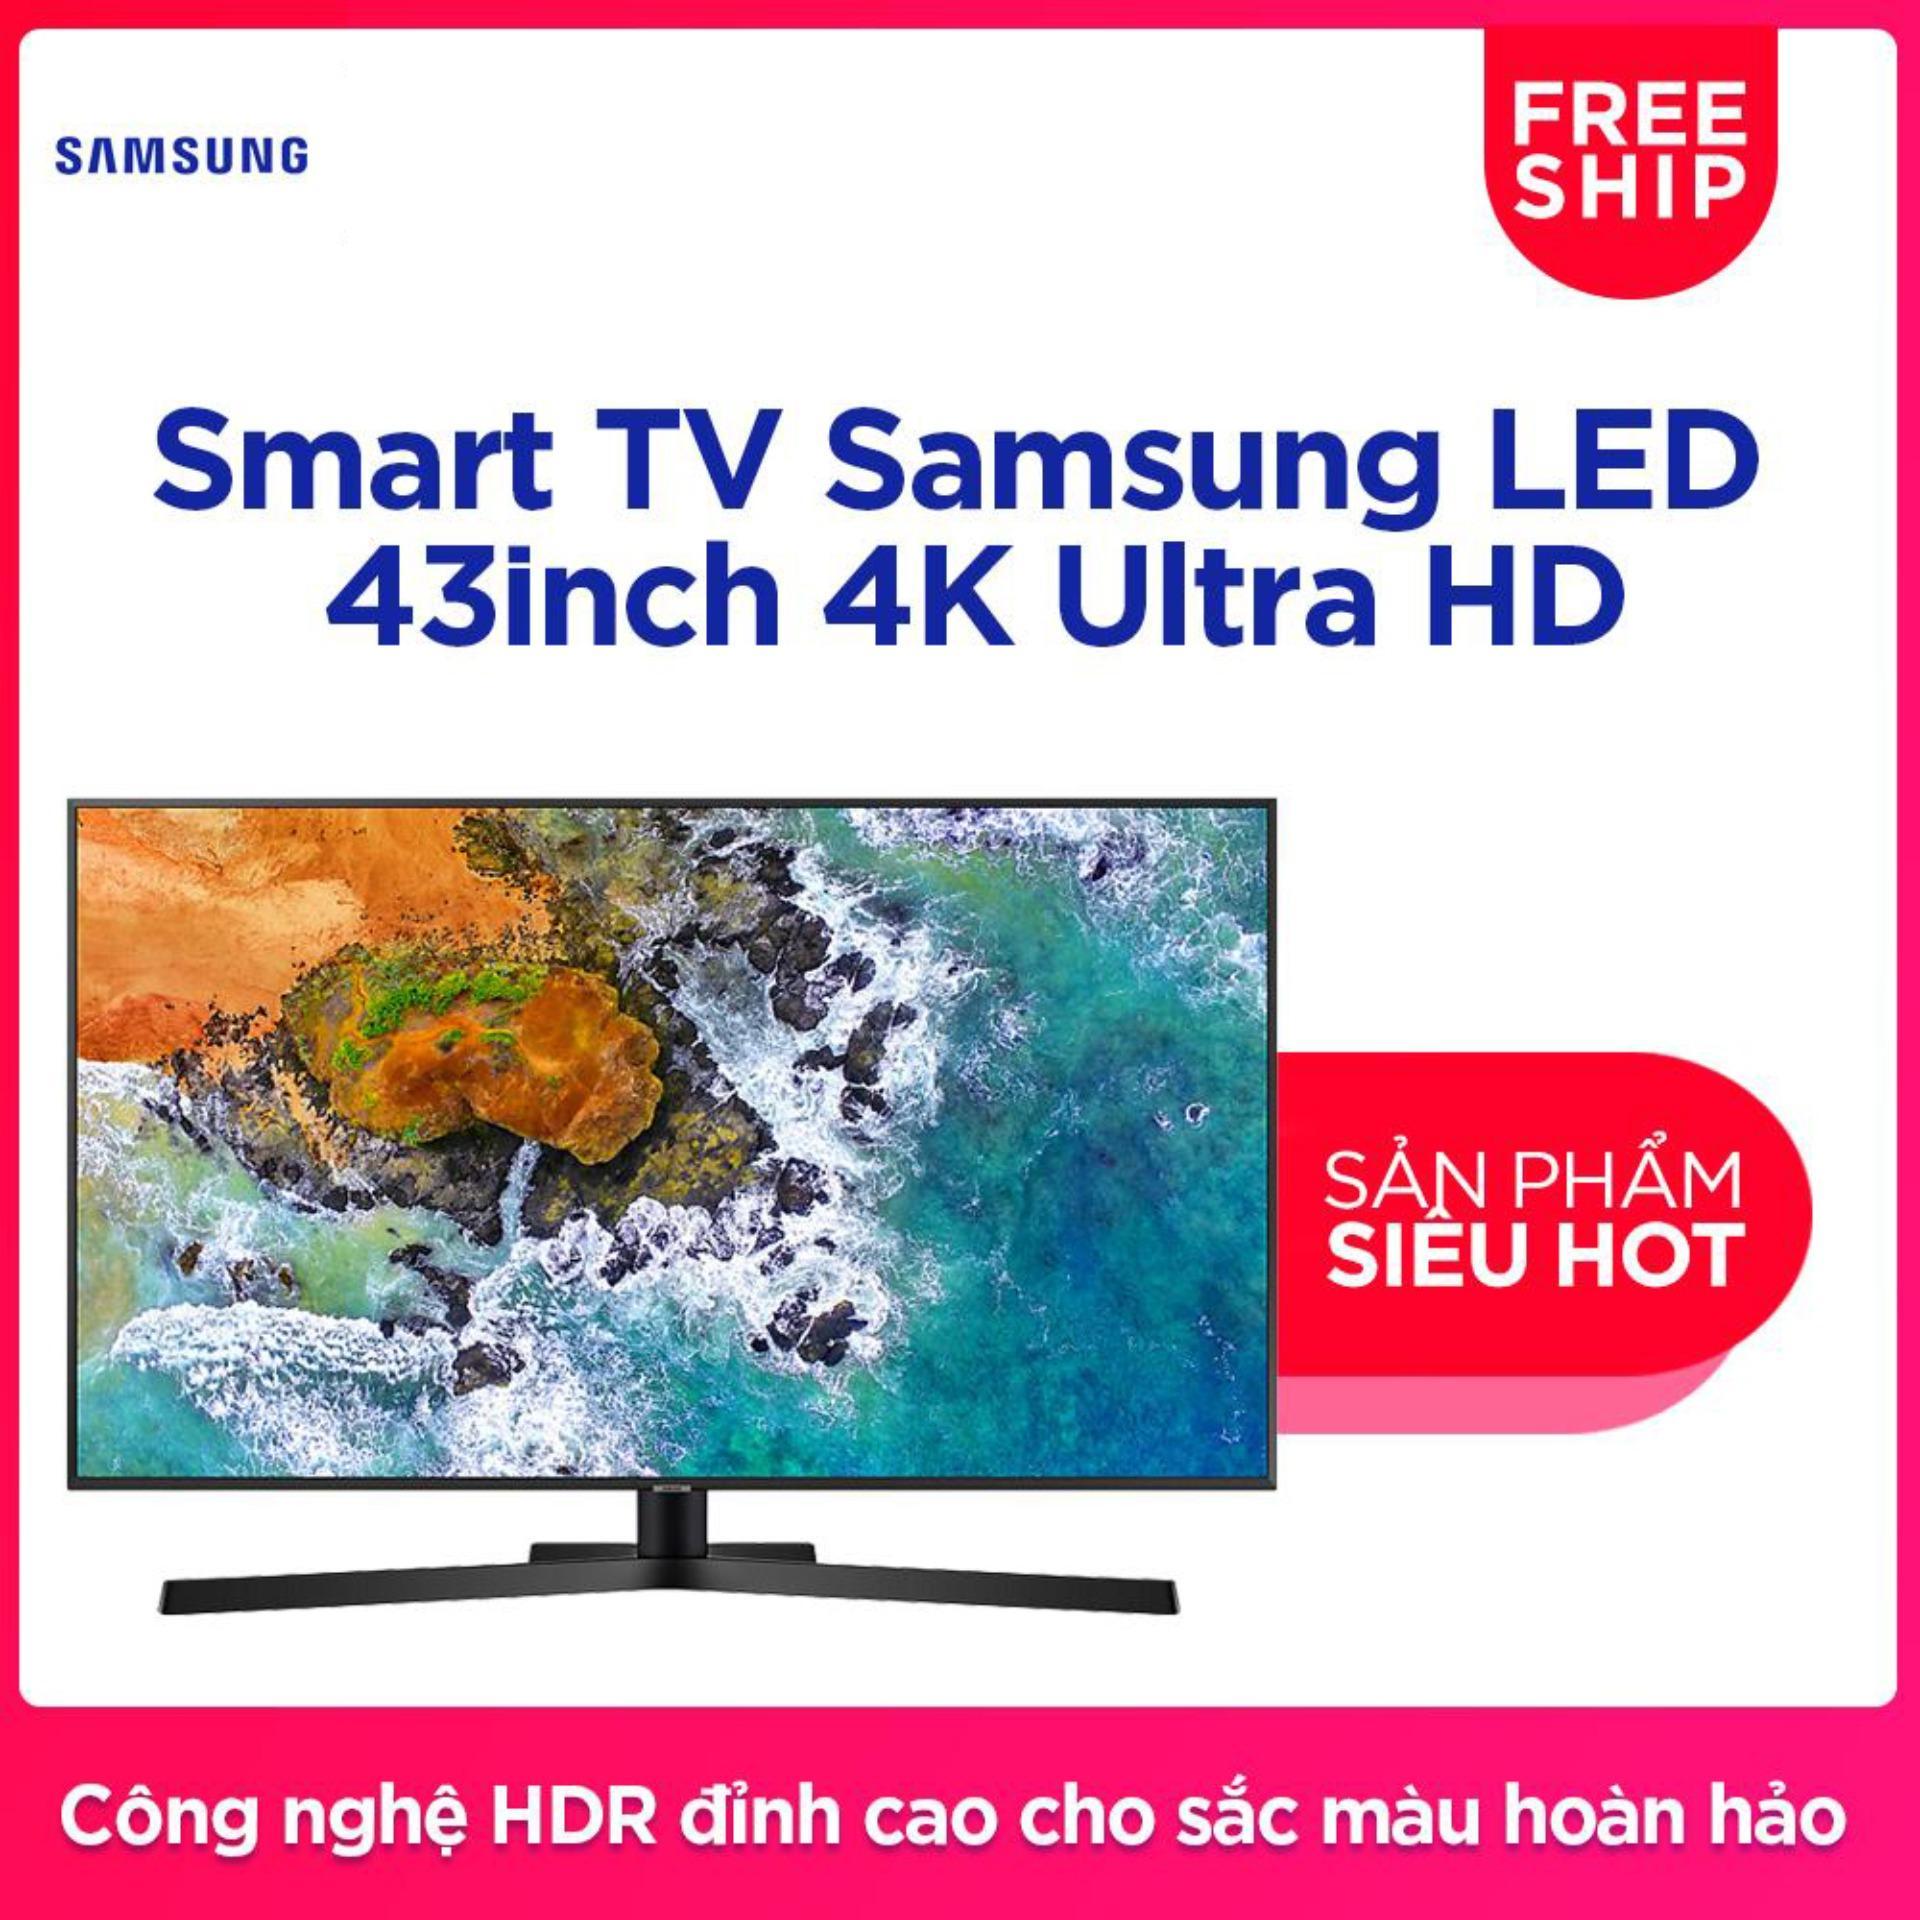 Smart TV Samsung LED  43inch 4K Ultra HD - Model UA43NU7800KXXV (Đen) - Hãng phân phối chính thức